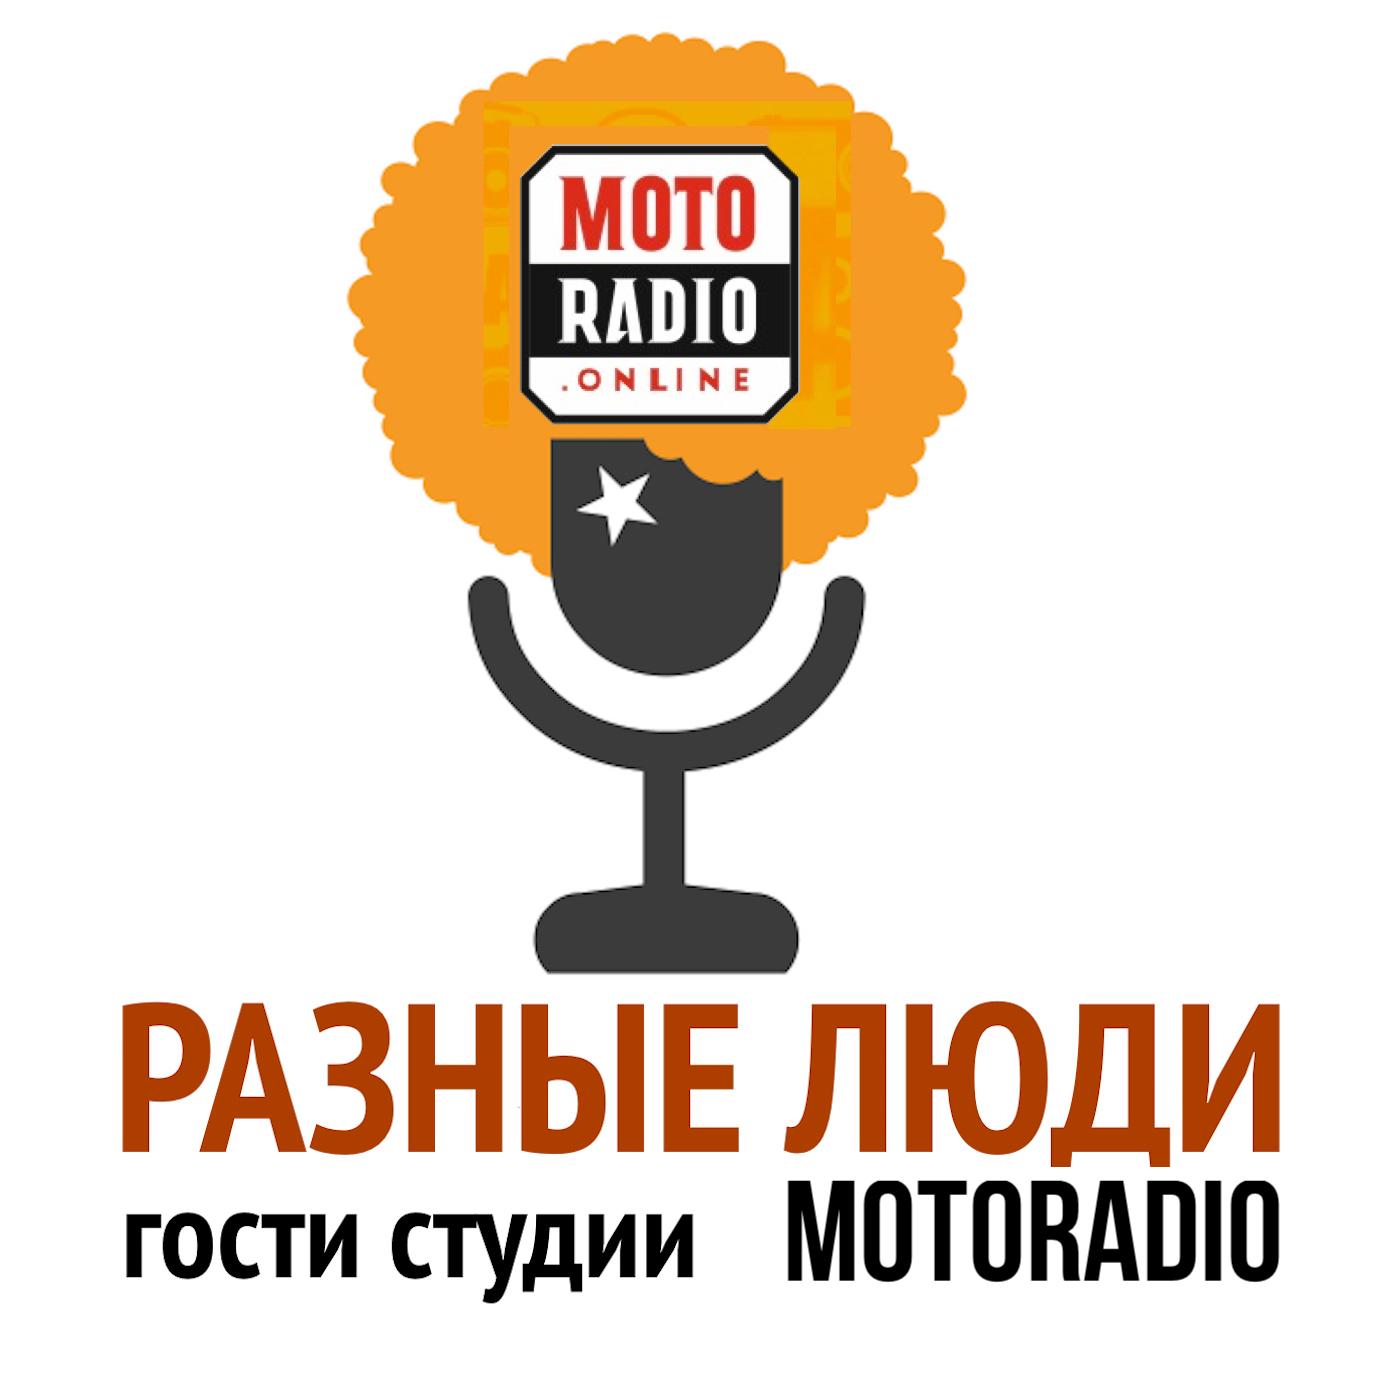 цена Моторадио Анастасия Мельникова дала интервью Жене Глюкк в эфирной студии радио Imagine